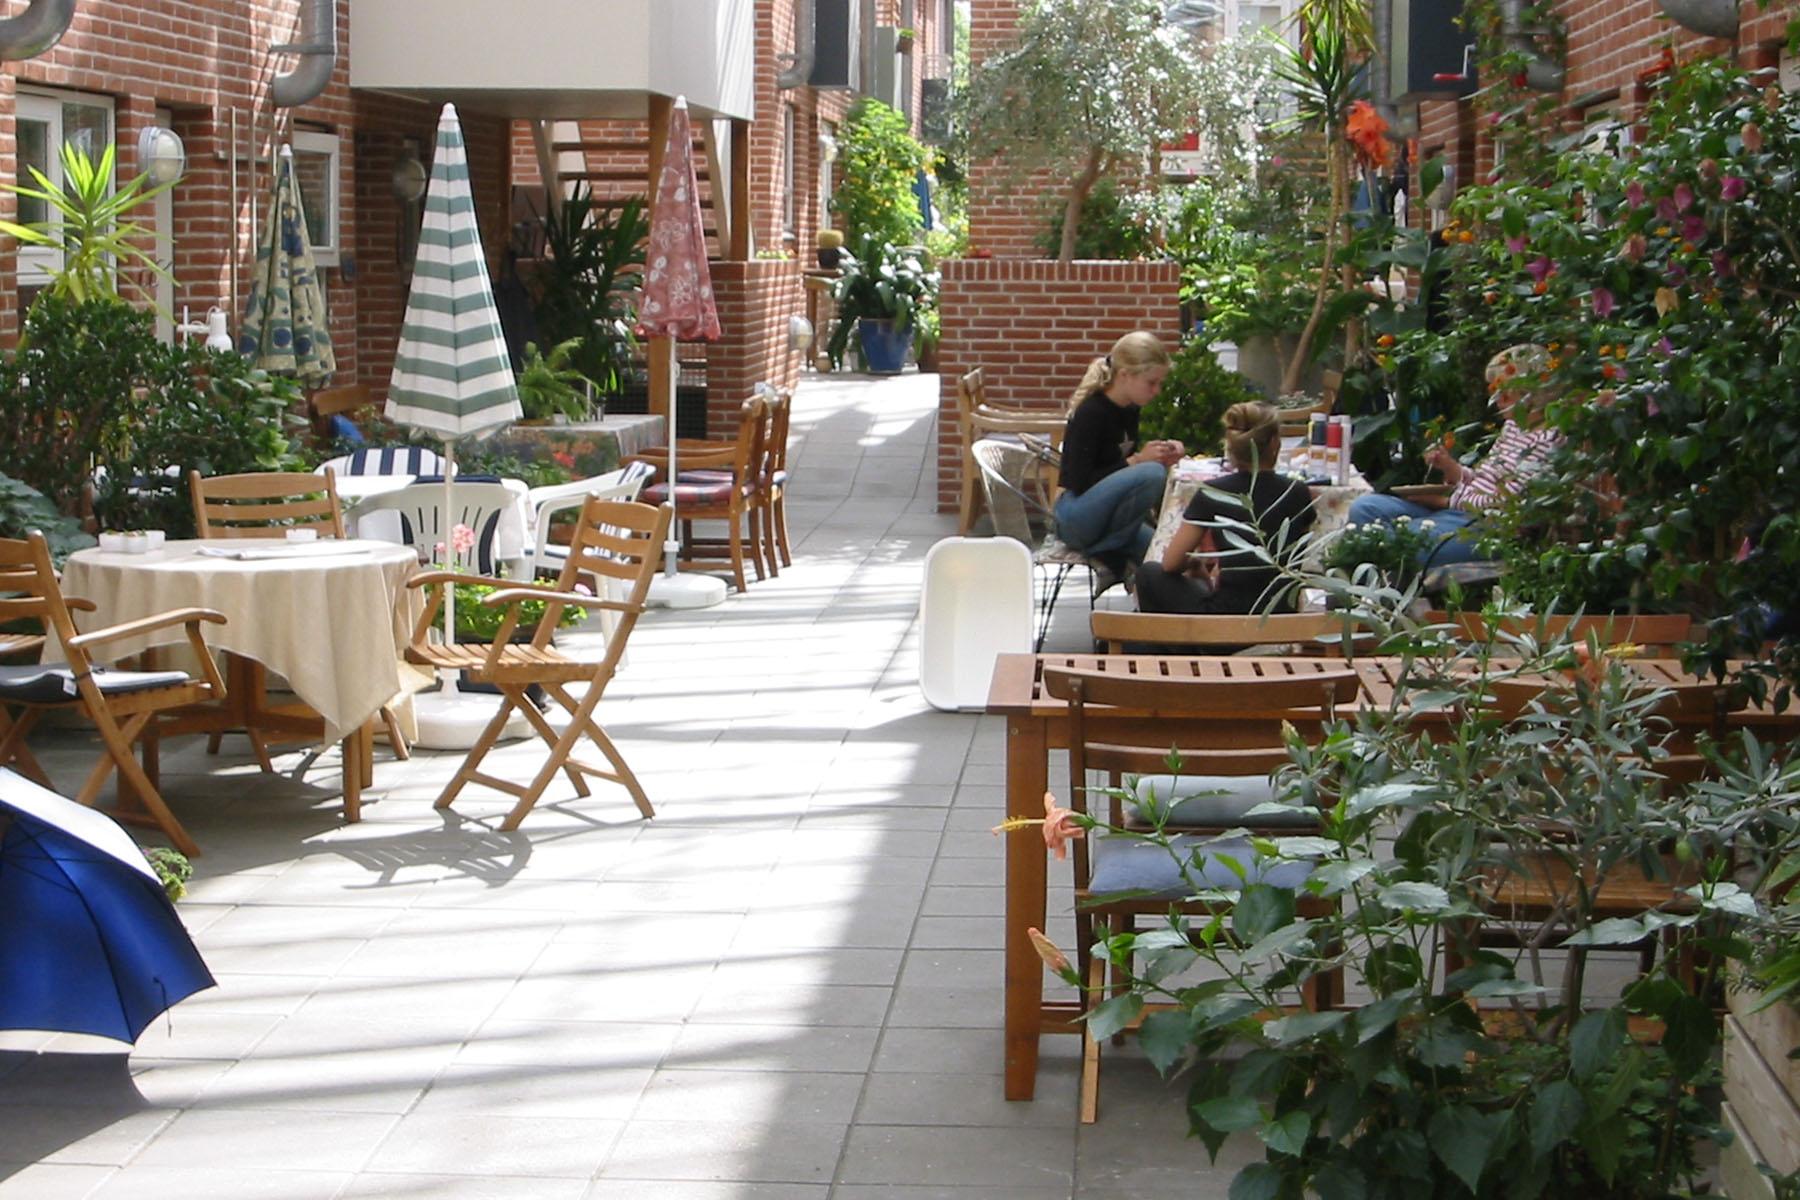 Drivhuset Cohousing  in Randers, DK. Designed by Niels Madsen